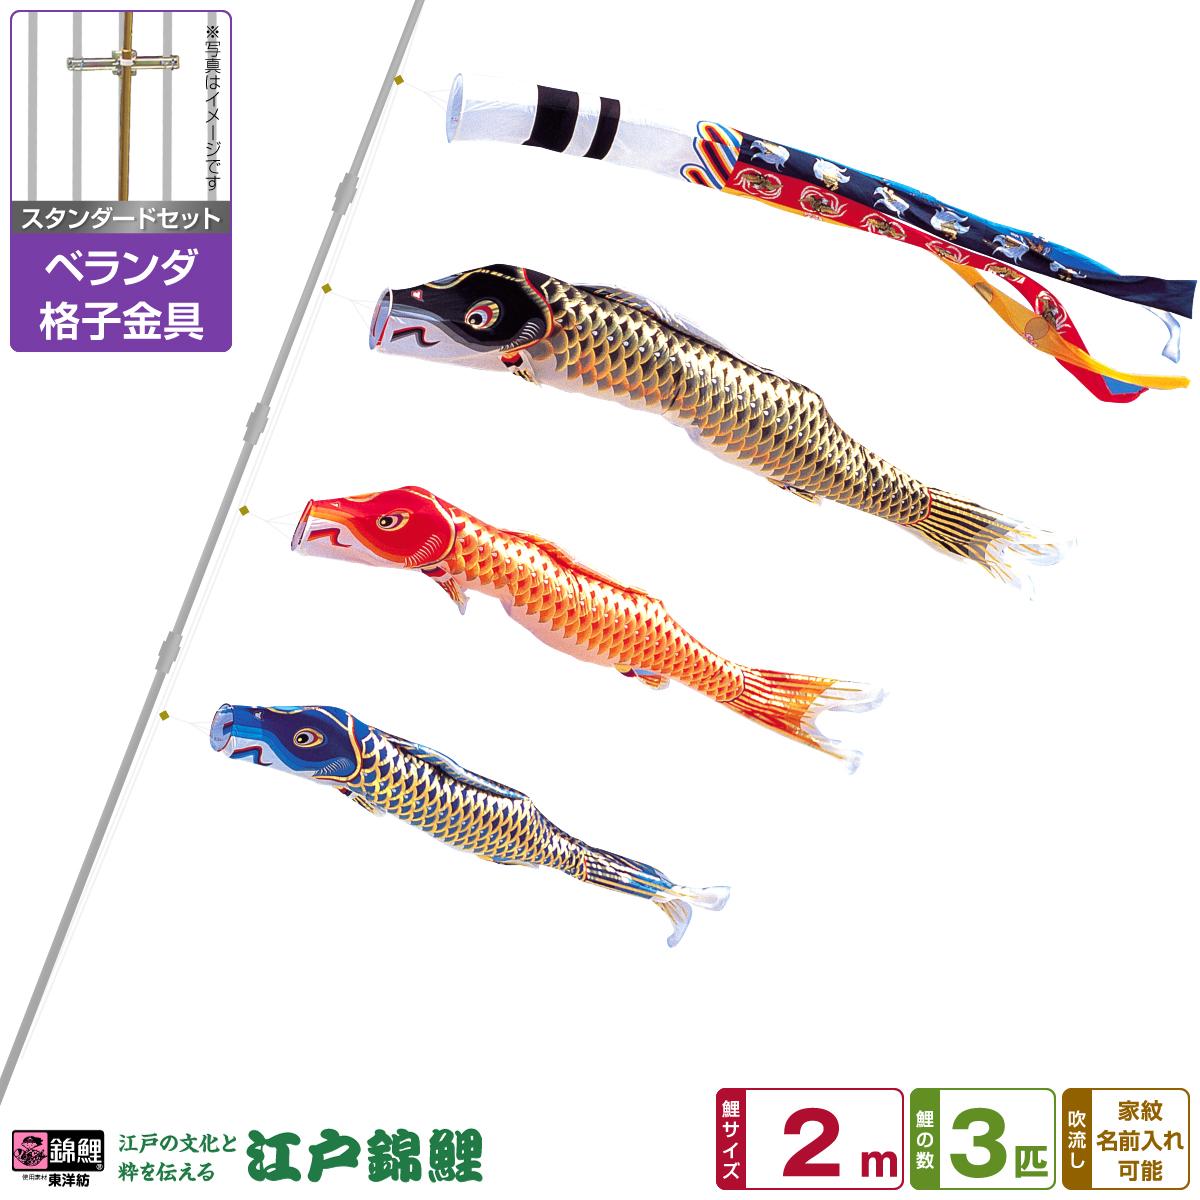 ベランダ用 こいのぼり 鯉のぼり 江戸の文化と粋を今に 江戸錦鯉 2m 6点(吹流し+鯉3匹+矢車+ロープ)/スタンダードセット(格子金具)